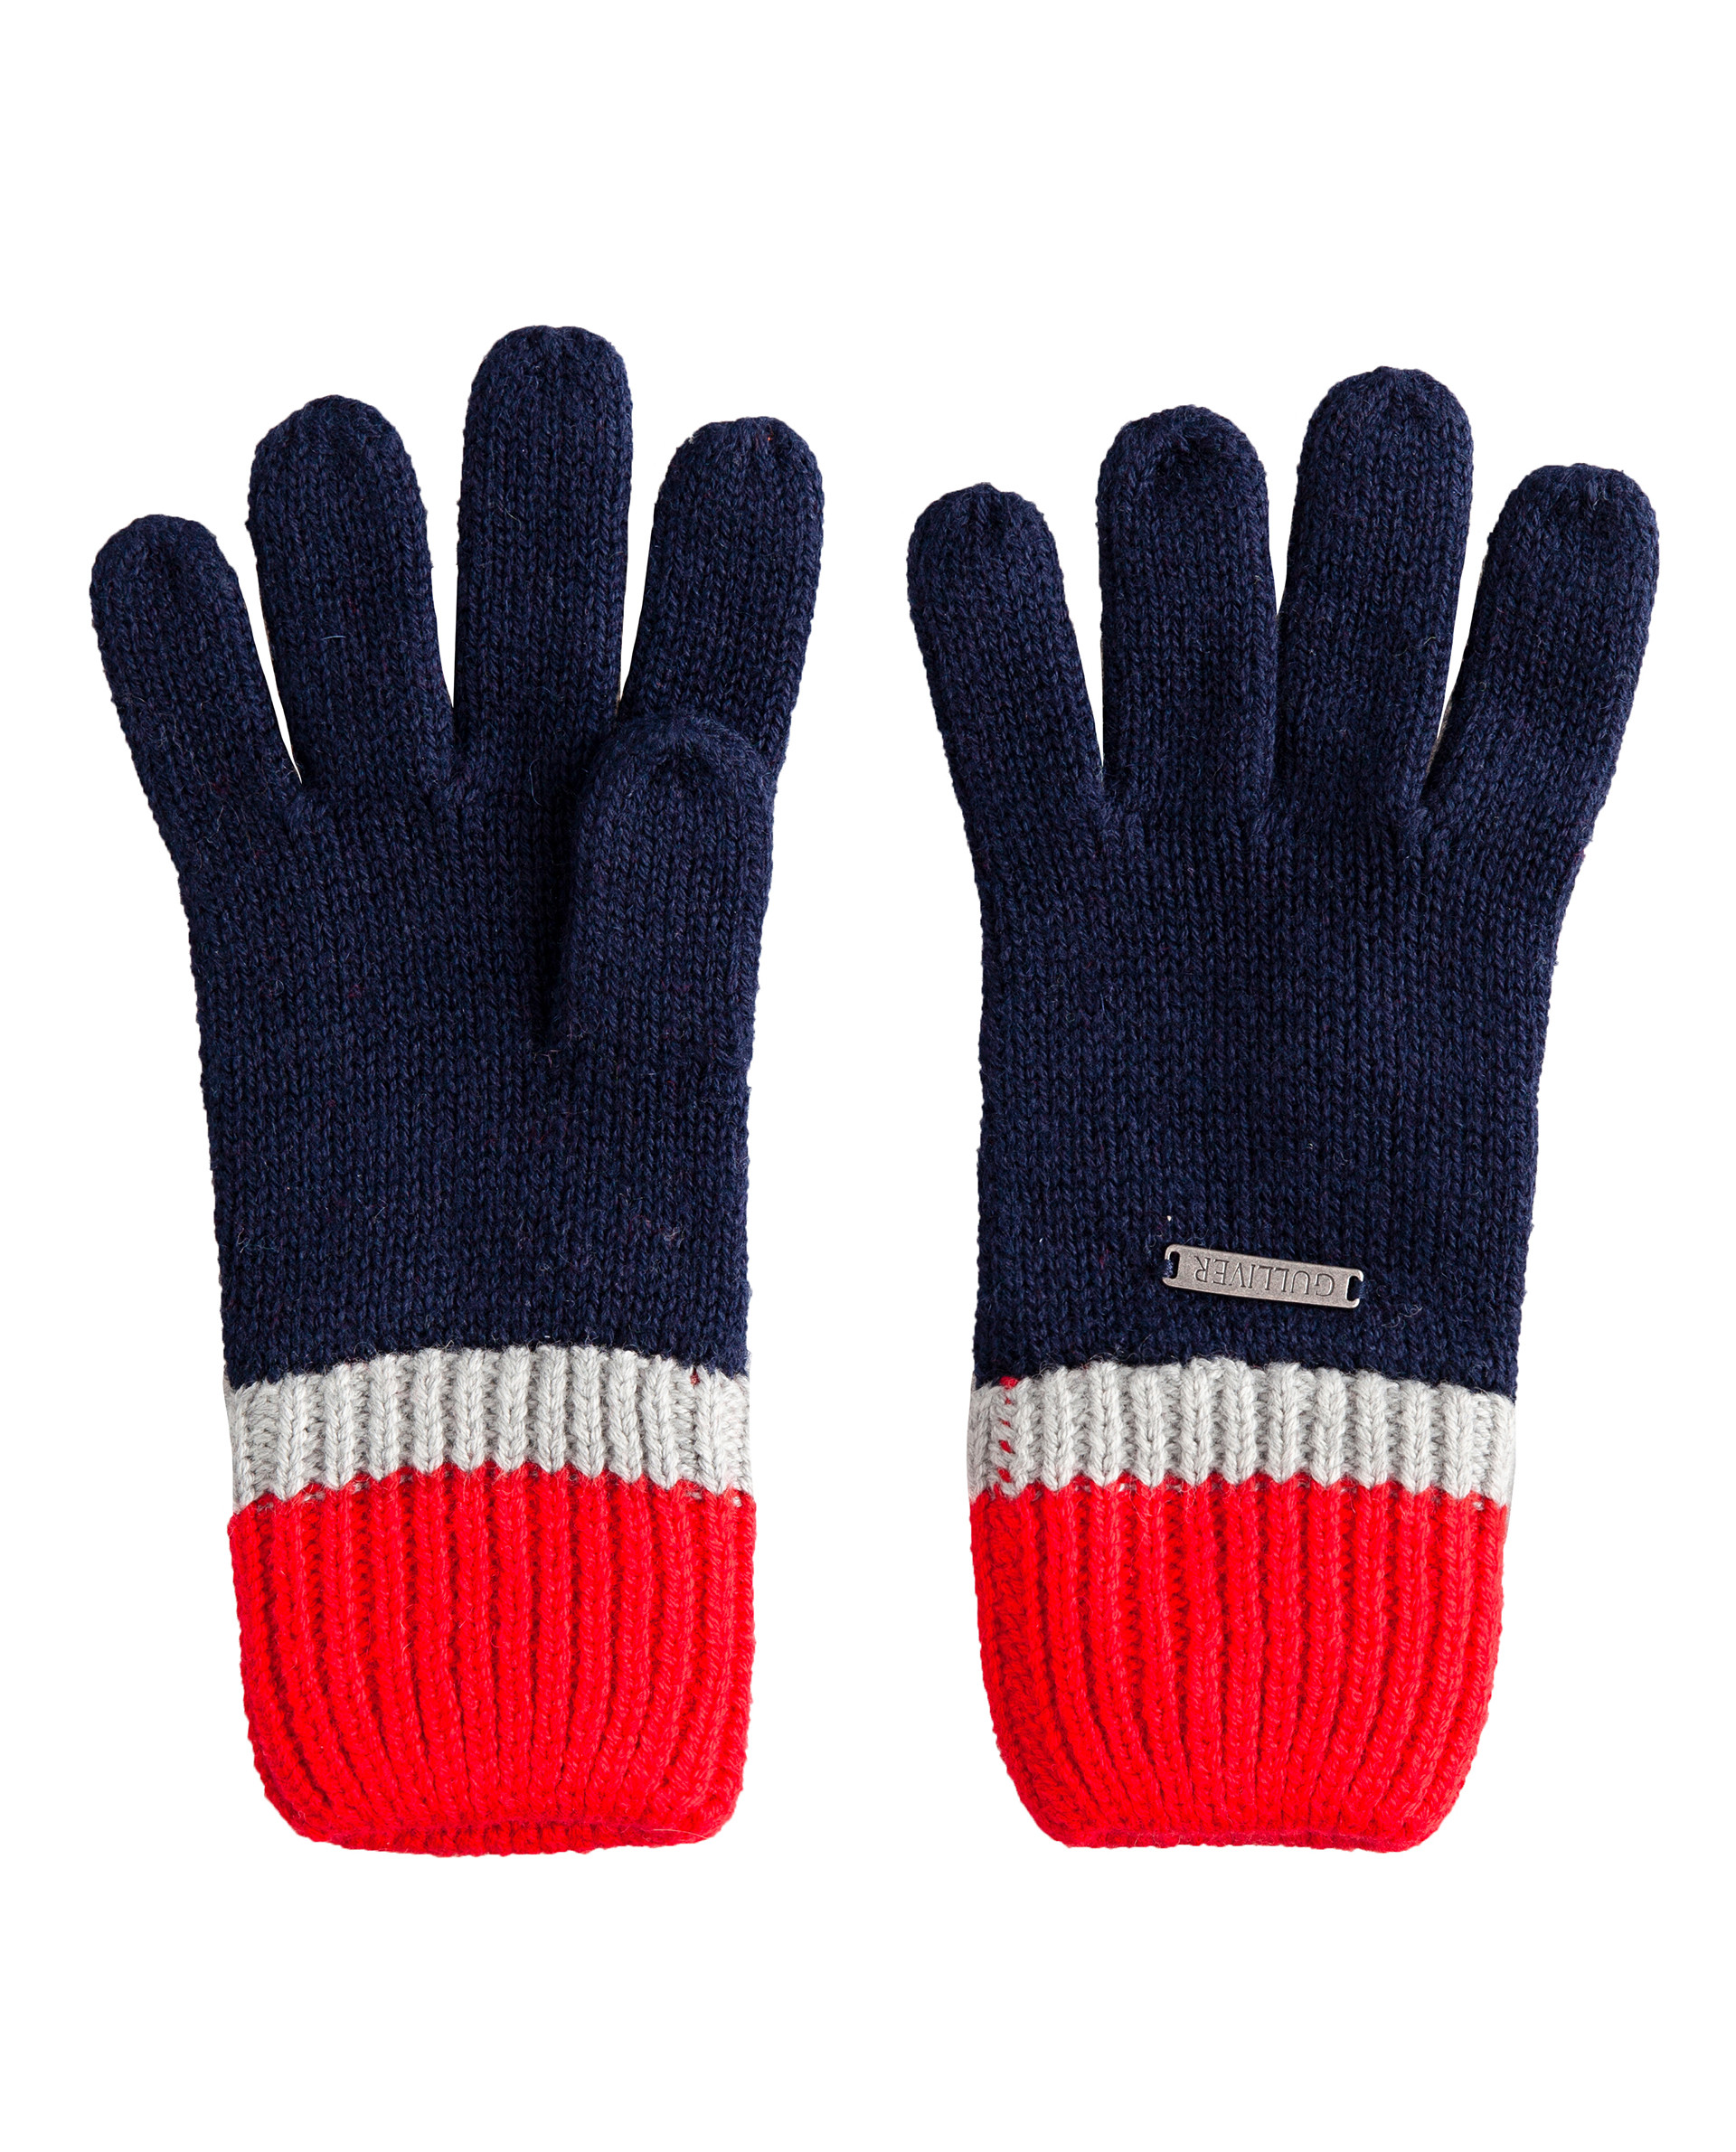 Синие перчатки вязаные Gulliver 22005BMC7603, размер 12